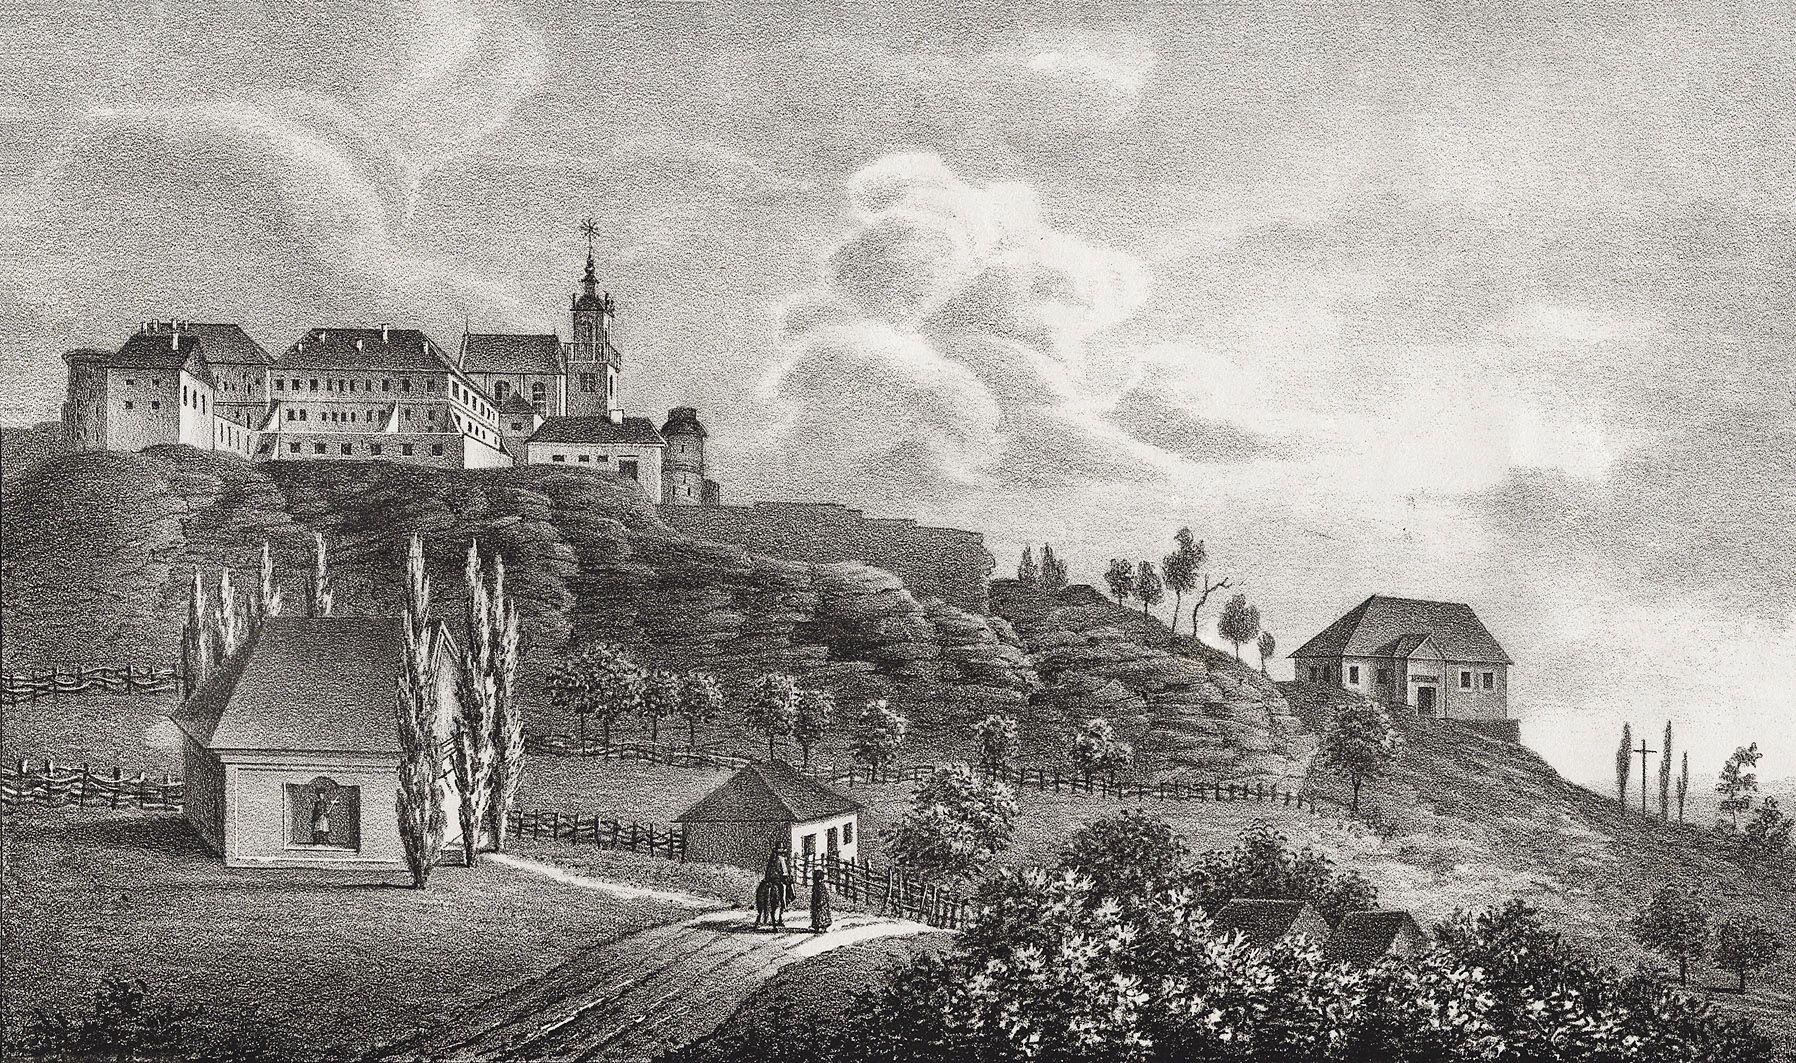 Мацей Боґуш Зиґмунт Стенчинський. Підкамінь (Броди) монастир, 1846; літографія